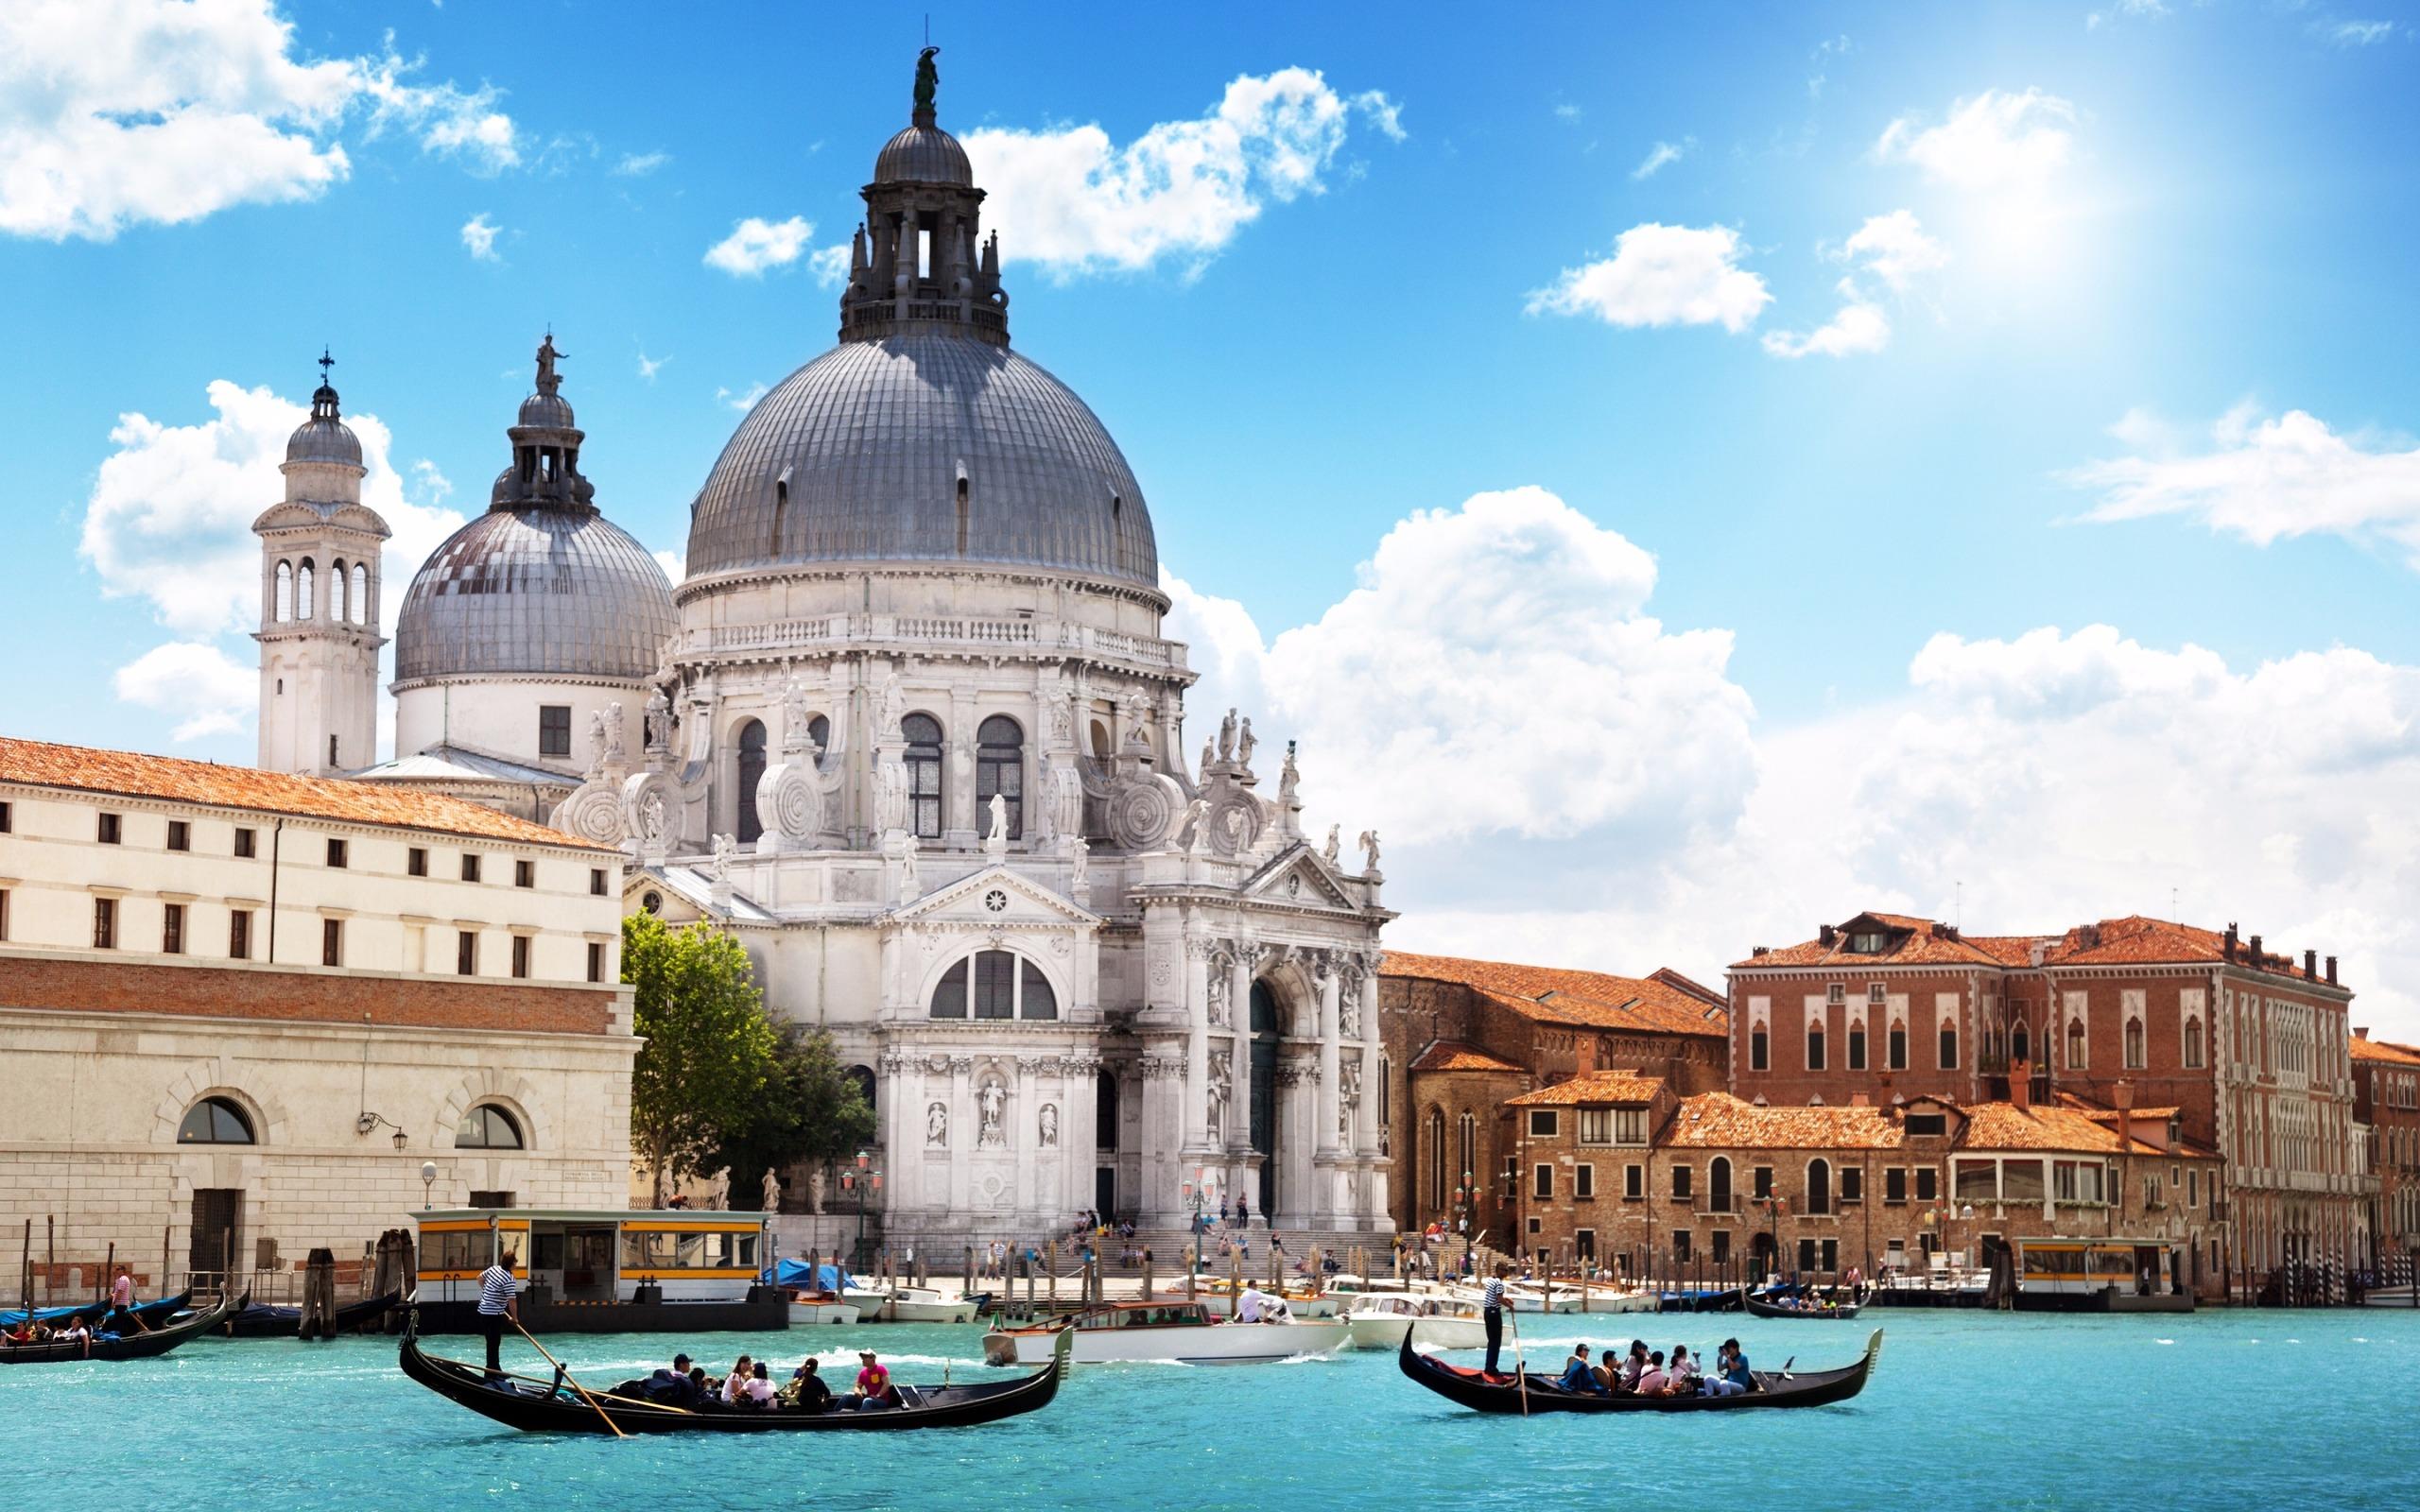 FLASH PROMOSYON MEGA KLASİK İTALYA  Roma (2) – Floransa (3) – Bologna – Venedik (1) Sirmione (1) – Milano  Pegasus Havayolları Tarifeli Seferi ile 19, 26 Ağustos 2016 … 7 Gece Tour